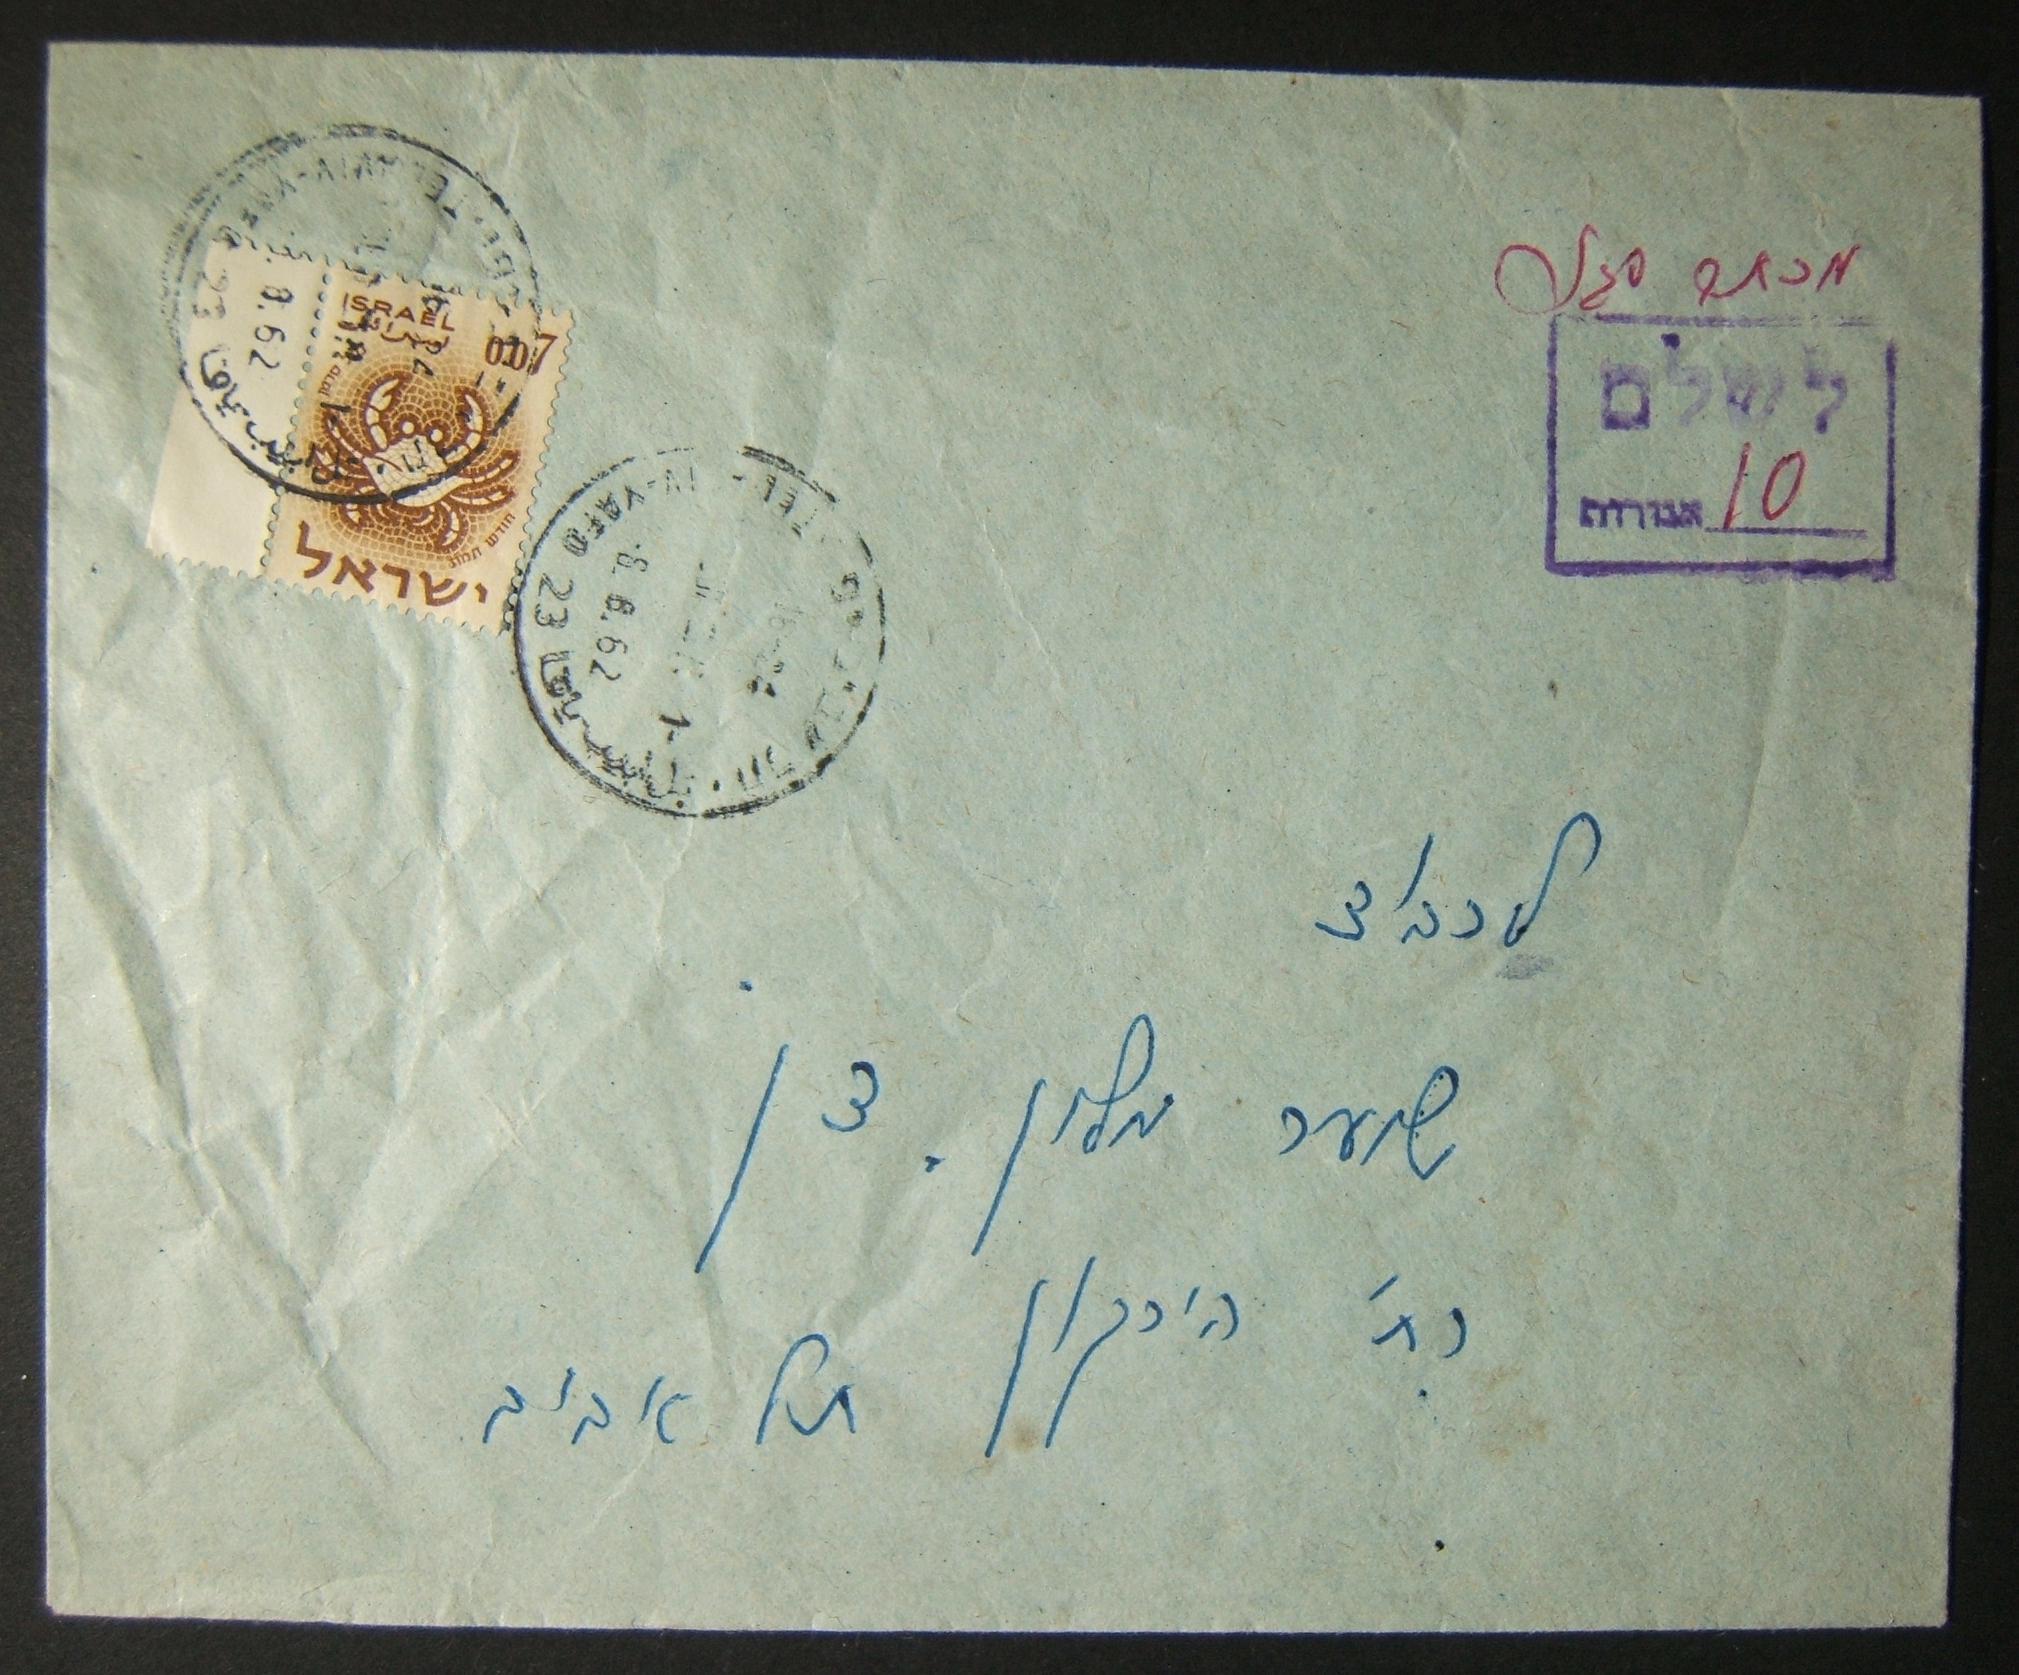 1962 بريد تل أبيب أضعفه كموضوع مطبوع ولكن تم رفضه بواسطة مكتب البريد وفرض ضرائب عليه